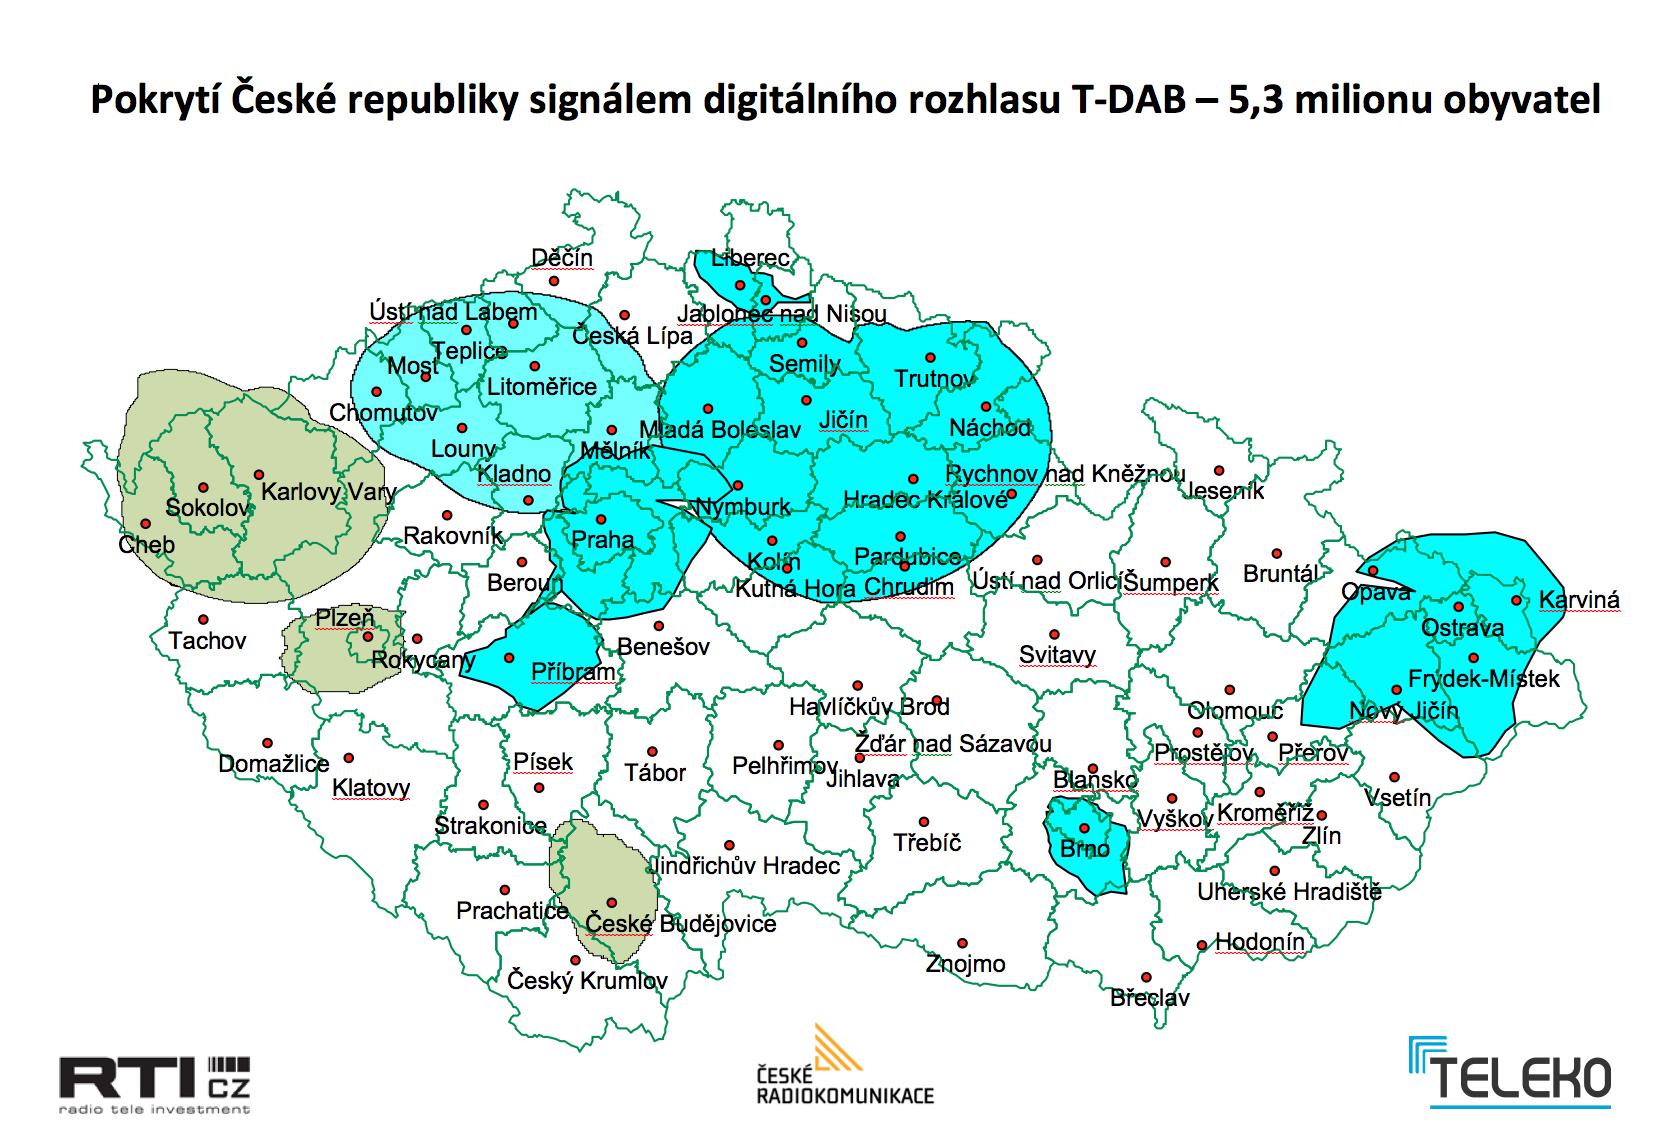 Pokrytí České republiky digitálním rozhlasovým signálem DAB